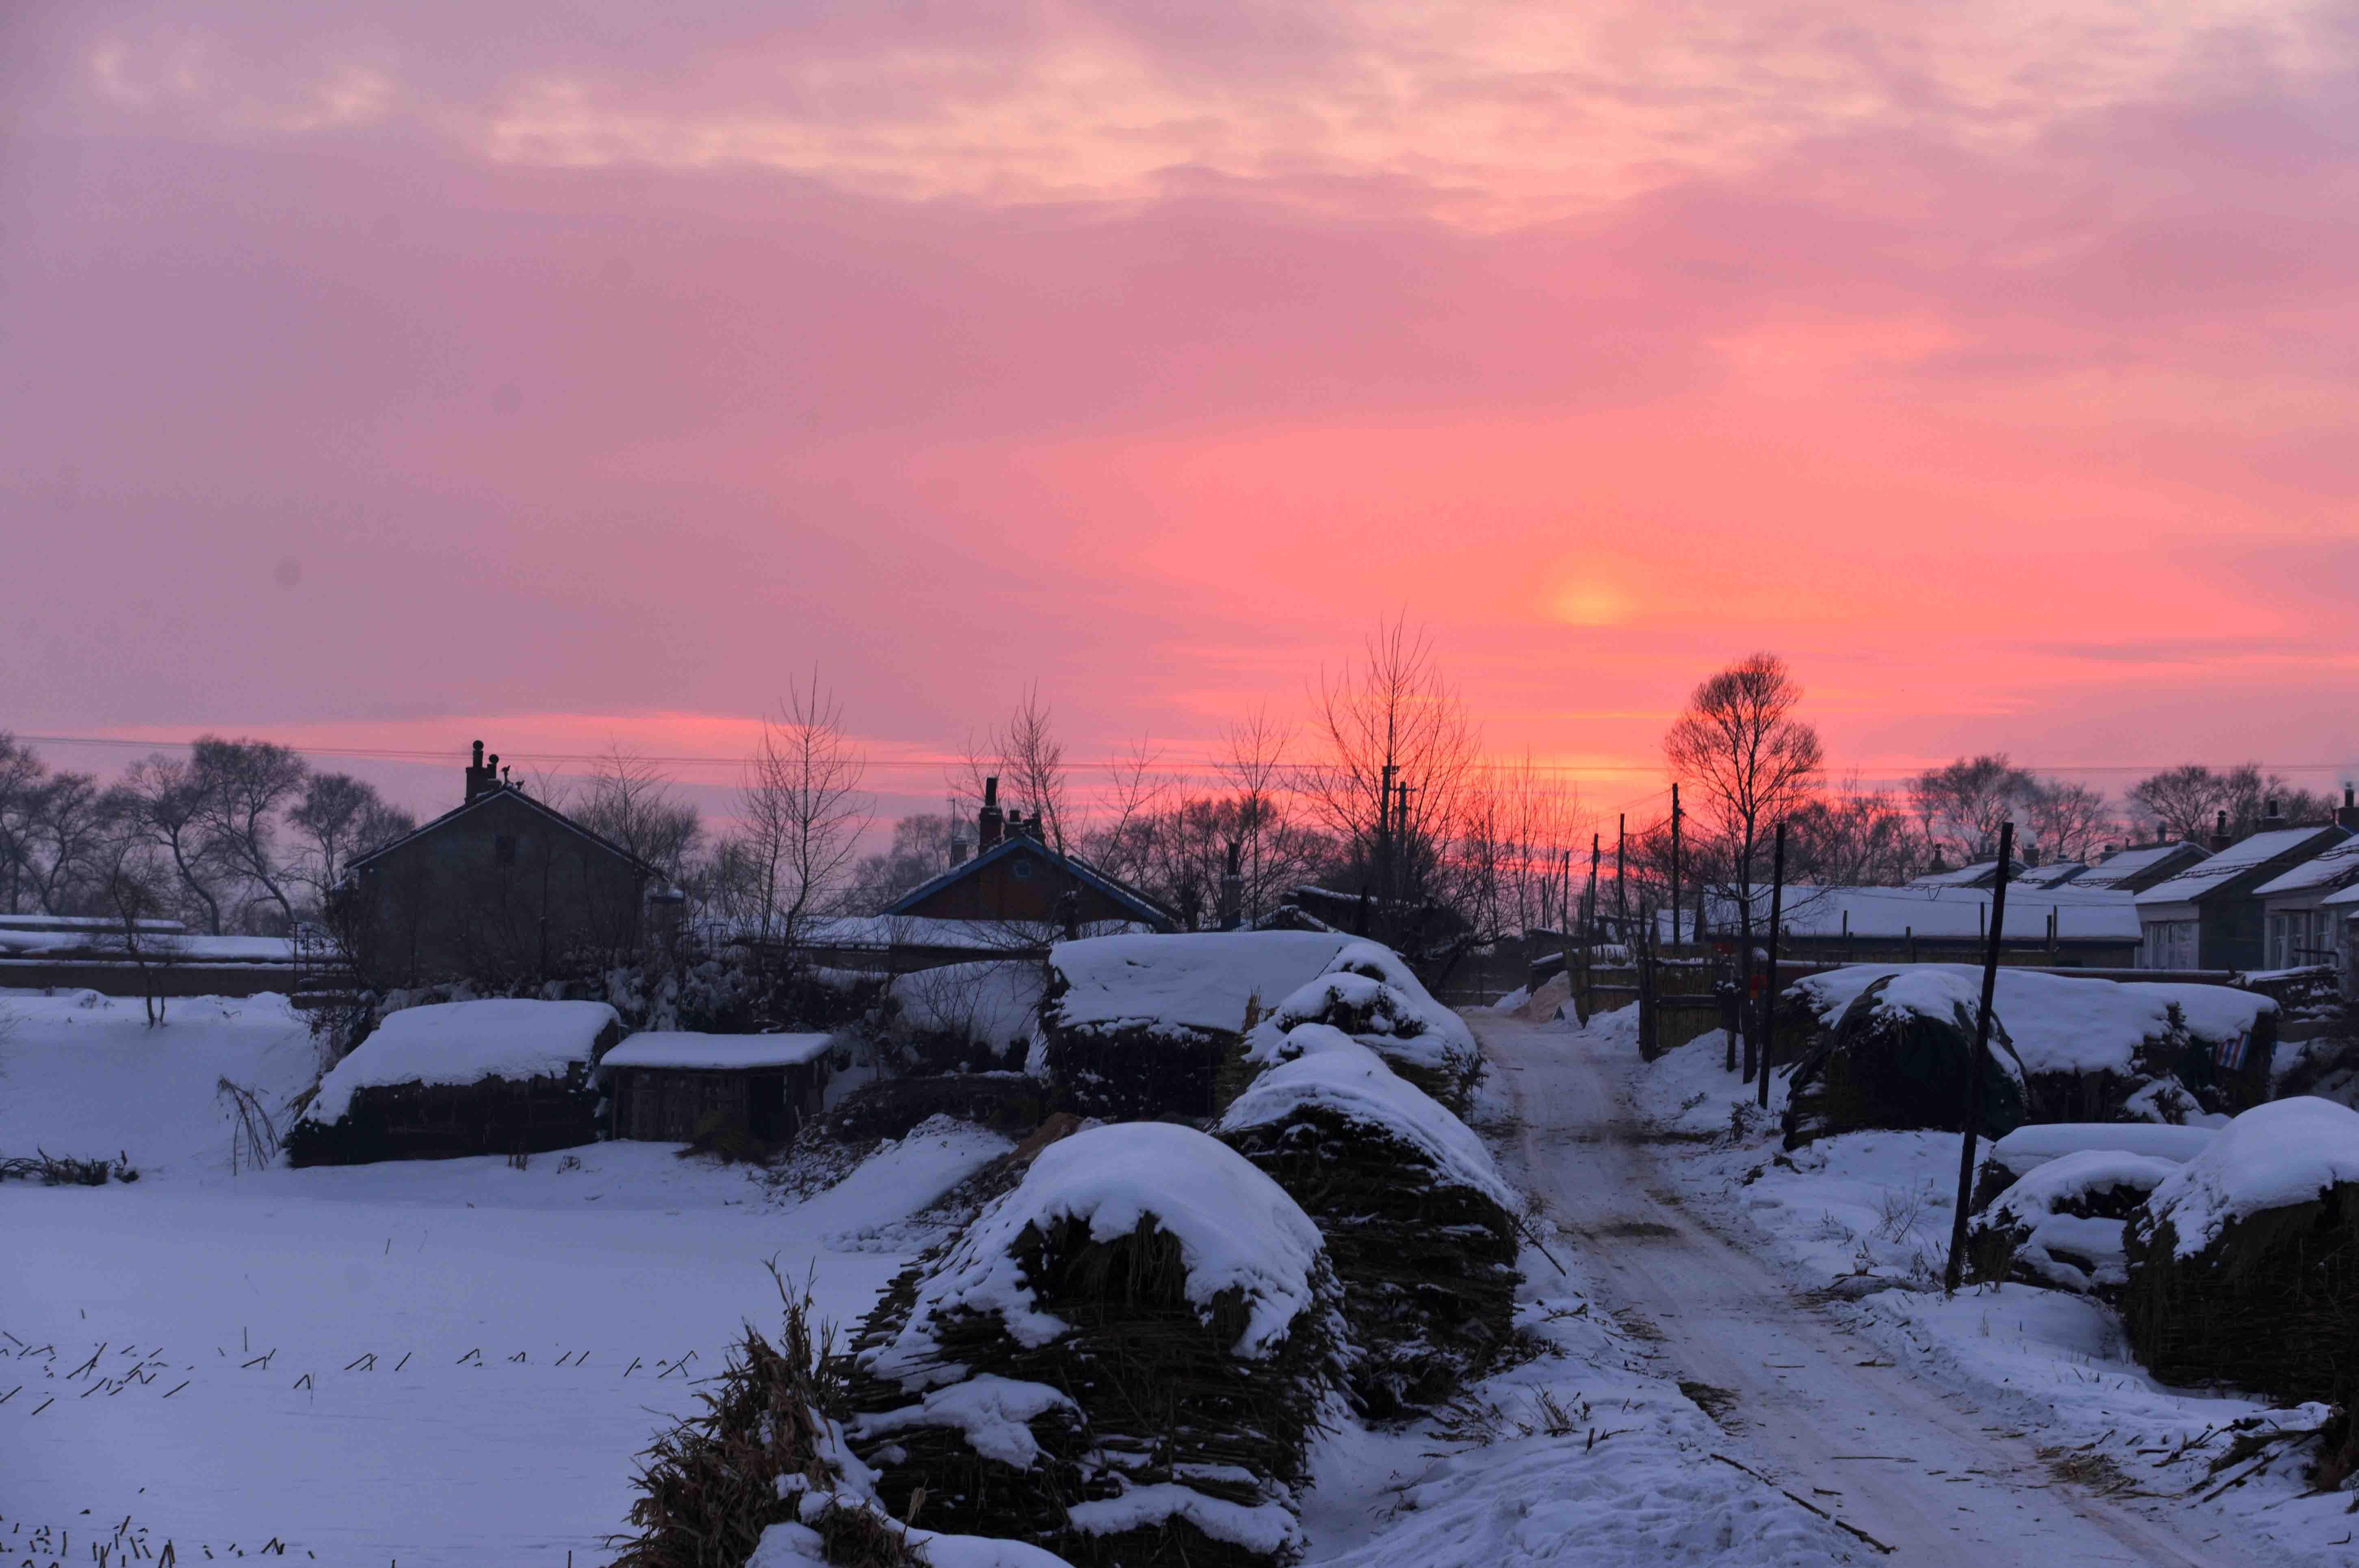 乡村的冬天作文一:乡村的冬天   冬,是一个美丽而纯洁的日子;冬,是一个乖巧可爱的孩子;而乡村的冬,又有什么独特之处呢?   早晨,朦胧的雾飘浮在空中,晨星还没有消失,天就已经蒙蒙亮了。远处的小山包,原来翠绿的小草干枯了,还披上了一件雪白的棉袄,等待着春天再发芽   上午,我来到了野外,顺着弯弯曲曲的小路一直走,两旁栽种着花草树木,可与春天大不相同,花花草草都枯萎了,原本的参天大树,茂盛的叶子落了下来。唯有松树还苍翠欲滴,粗壮的树干,似乎要好几个人围着才行。他站的笔直笔直的,活像边疆守卫的解放军战